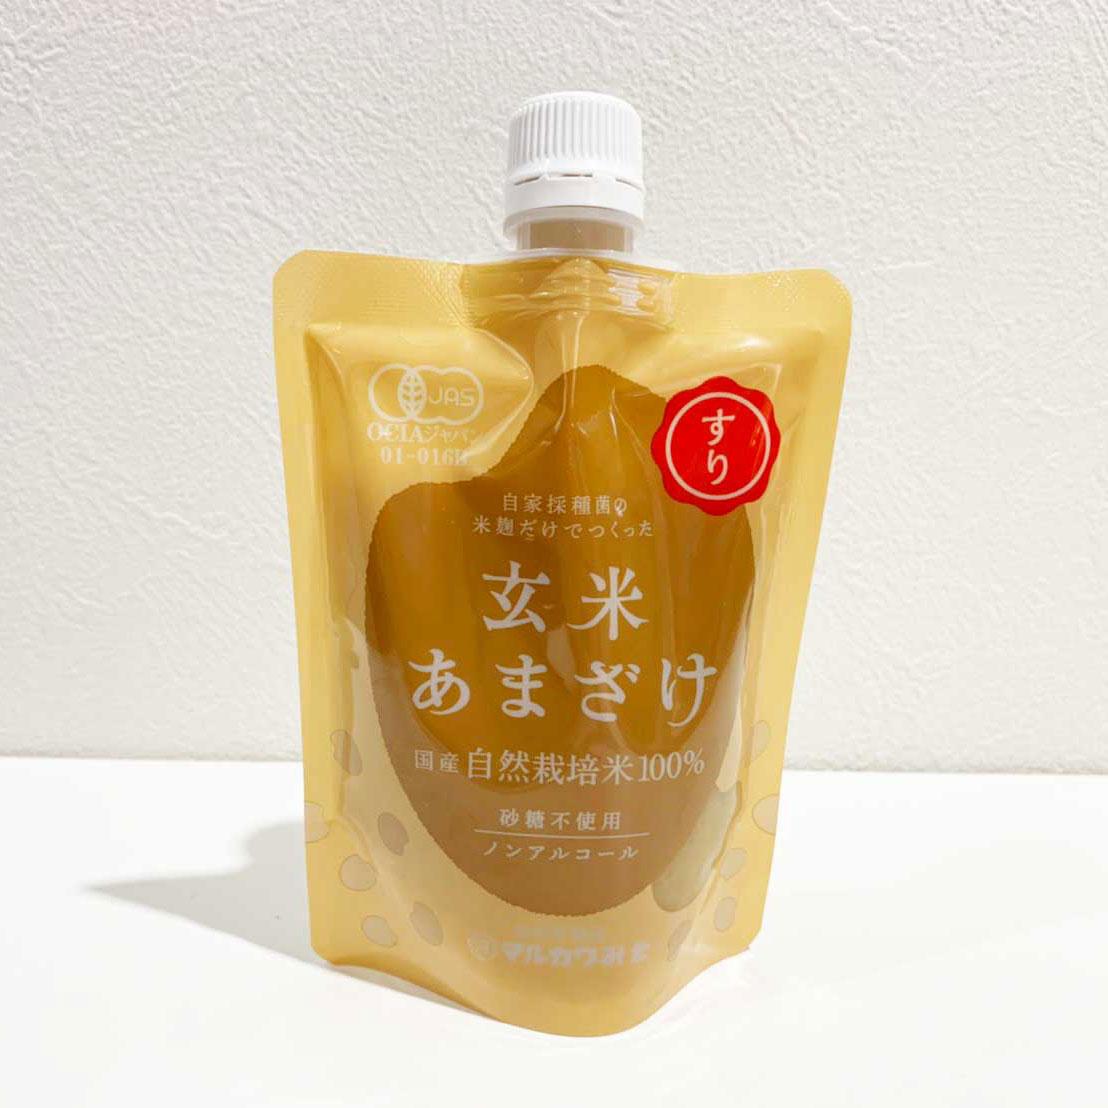 【中野明海さんおススメ!】自家採種菌の米麹だけでつくった 国産自然栽培米100% 玄米あまざけ